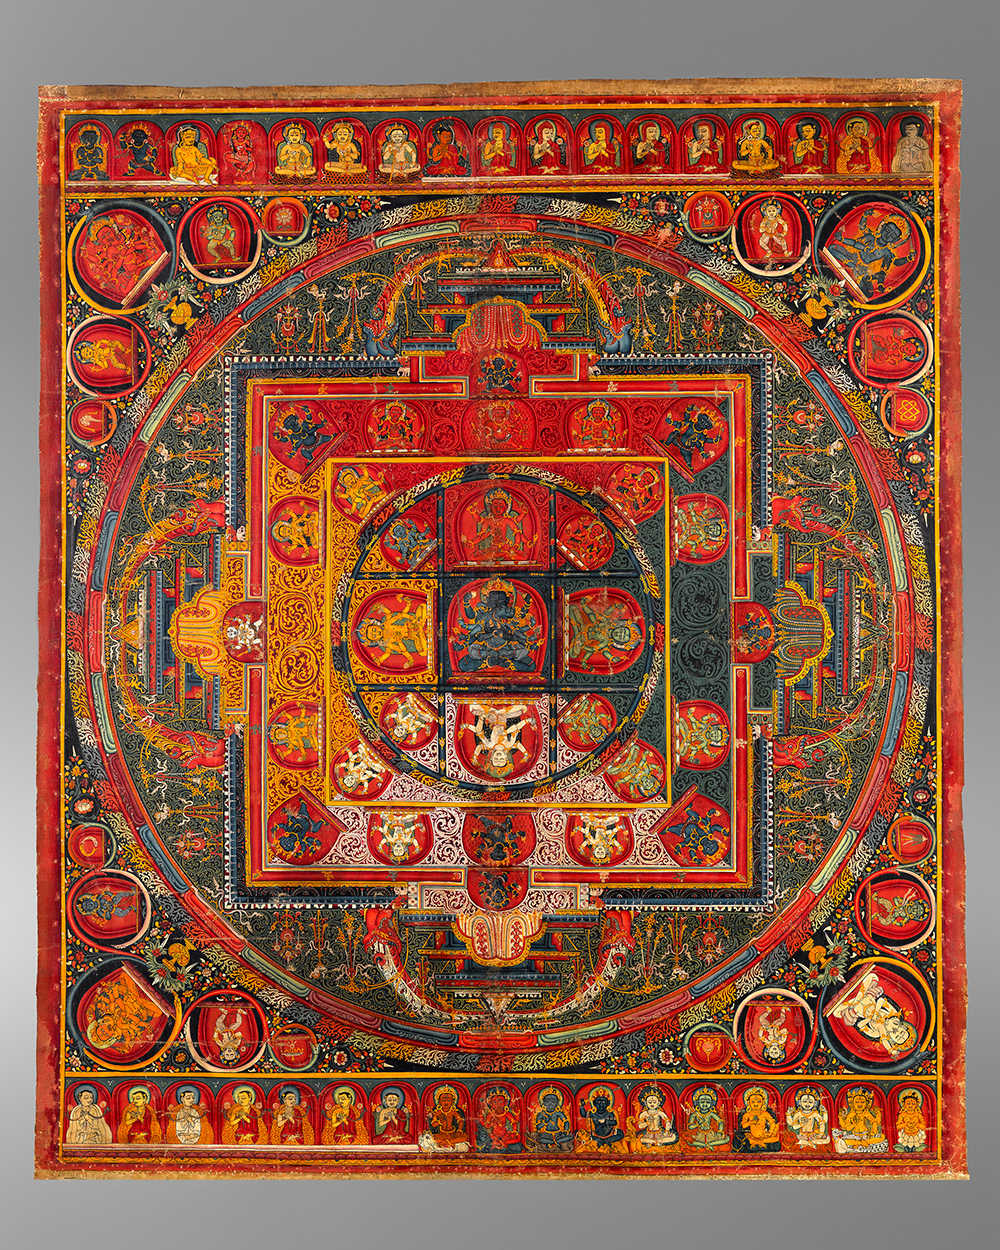 Mandala of Guhyasamaja